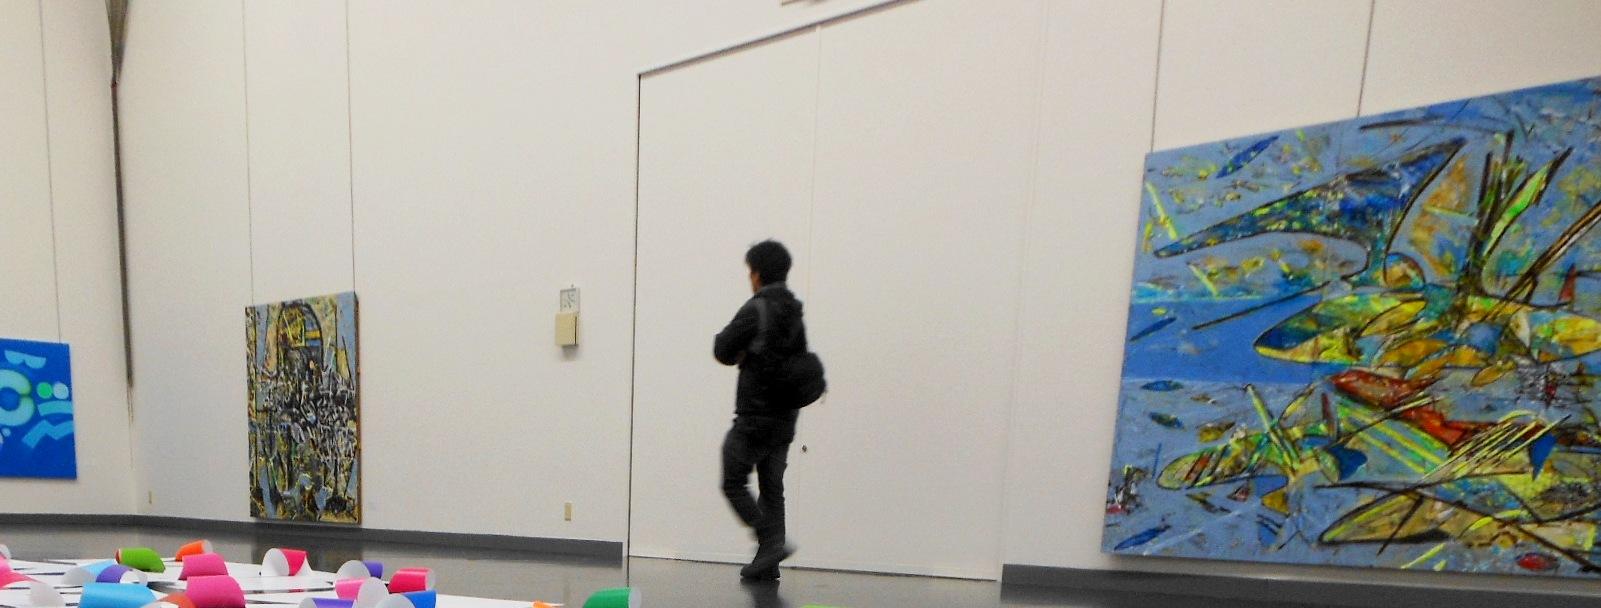 1721)④「北海道抽象派作家協会展 '12 第39回」 市民ギャラリー 終了・4月10日(火)~4月15日(日)  _f0126829_11373932.jpg